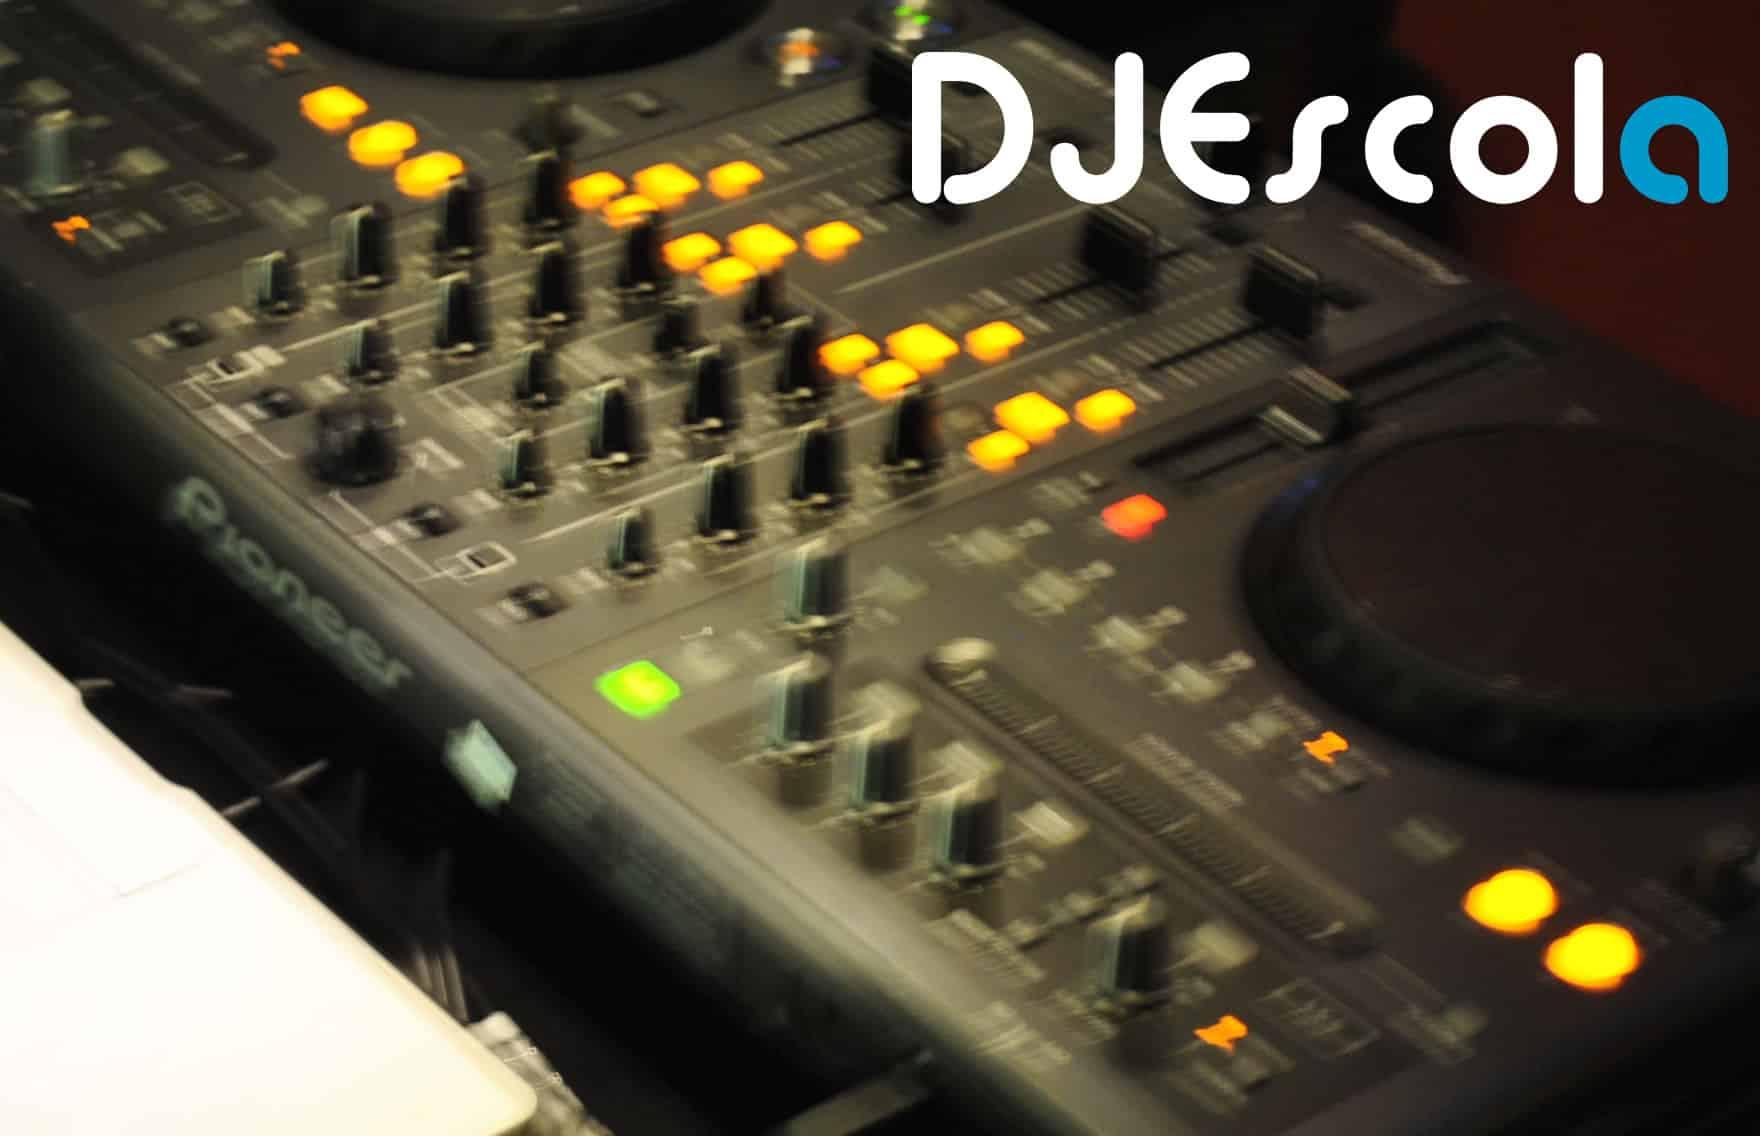 Curso de DJ em SP